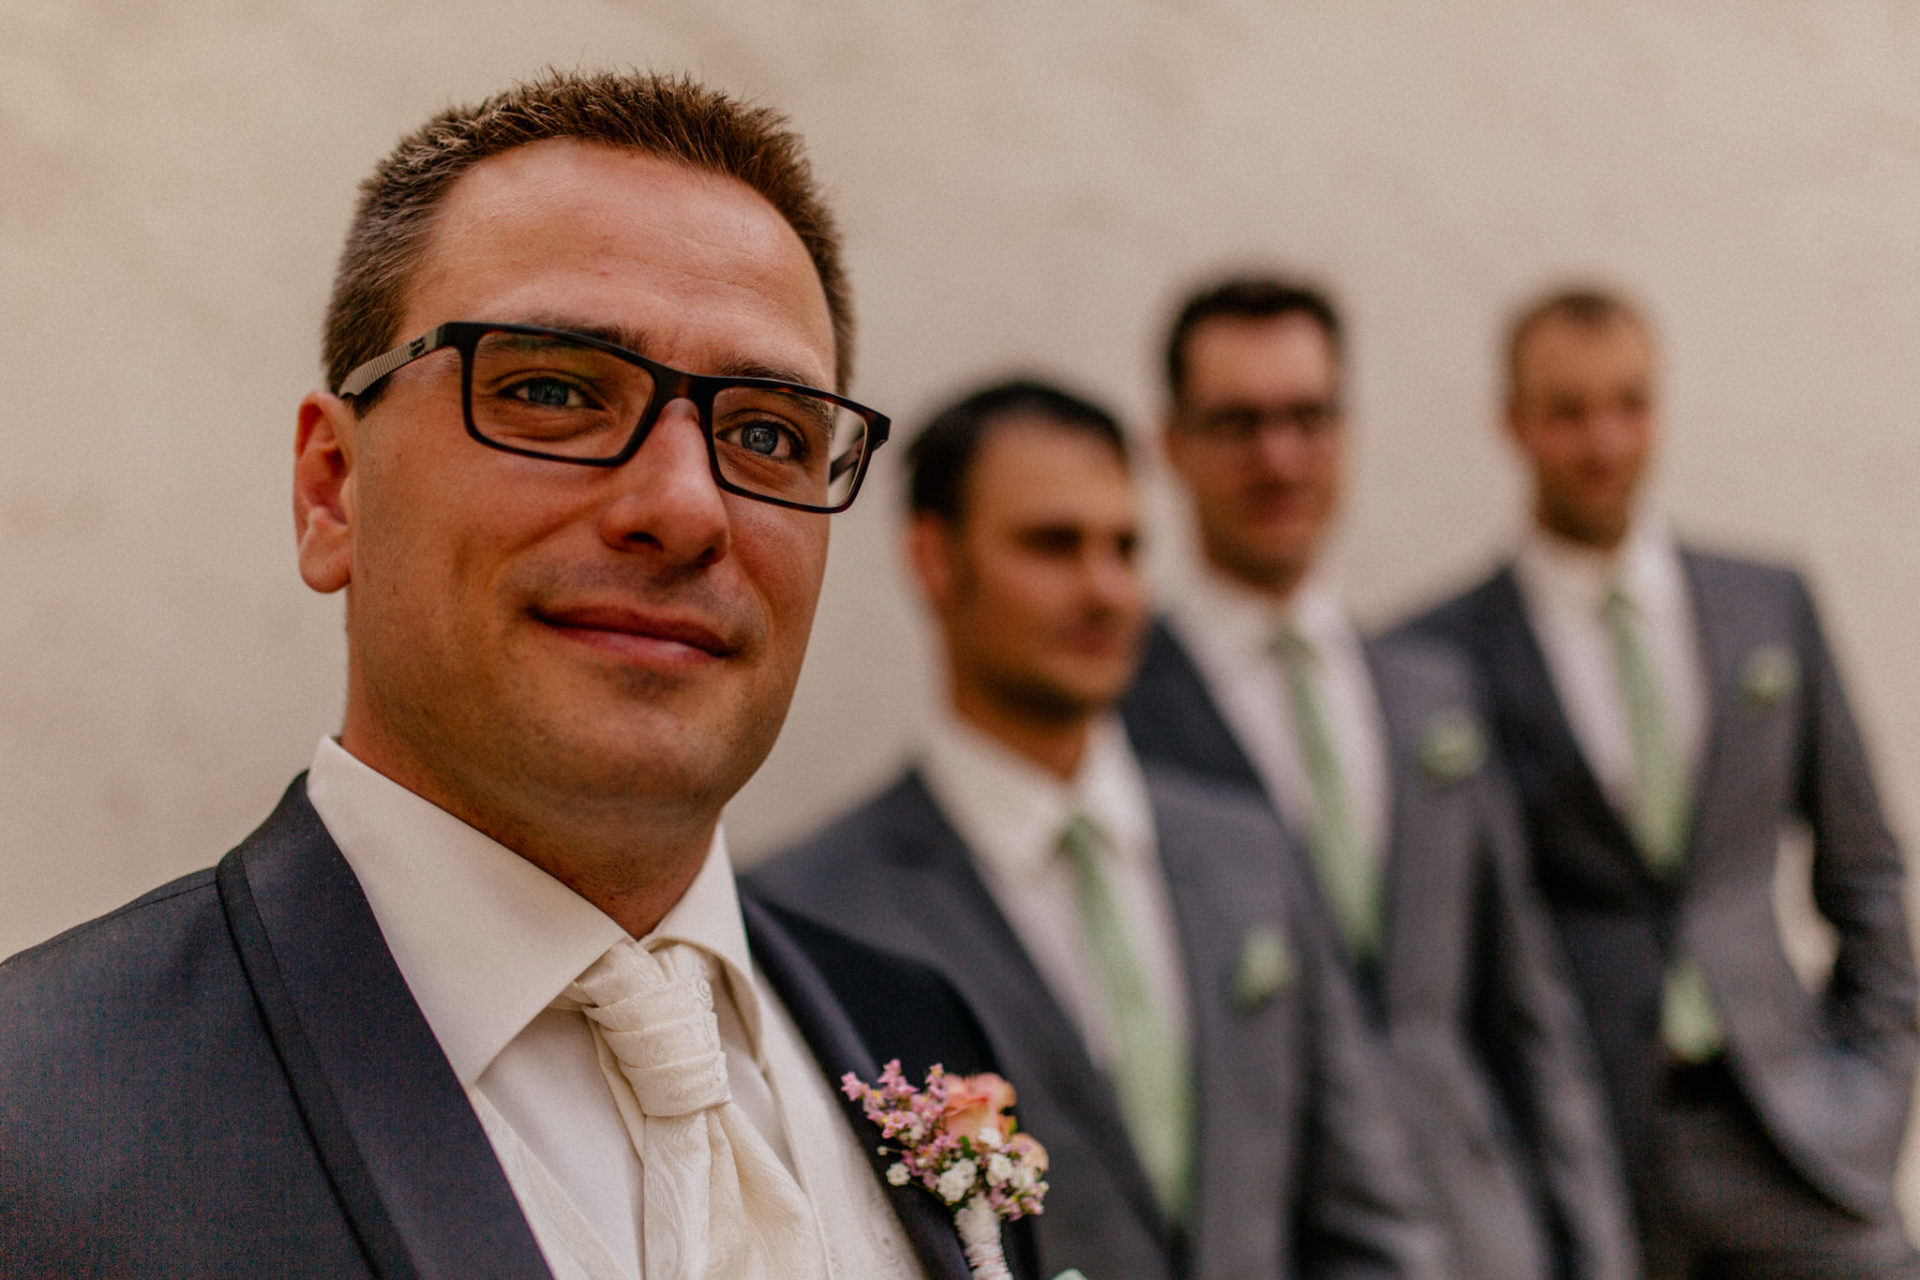 hochzeitsfotograf schloss heinsheim-elegant heiraten-Bräutigam getting ready-Brautführer Outfit-Anstecker echtblumen